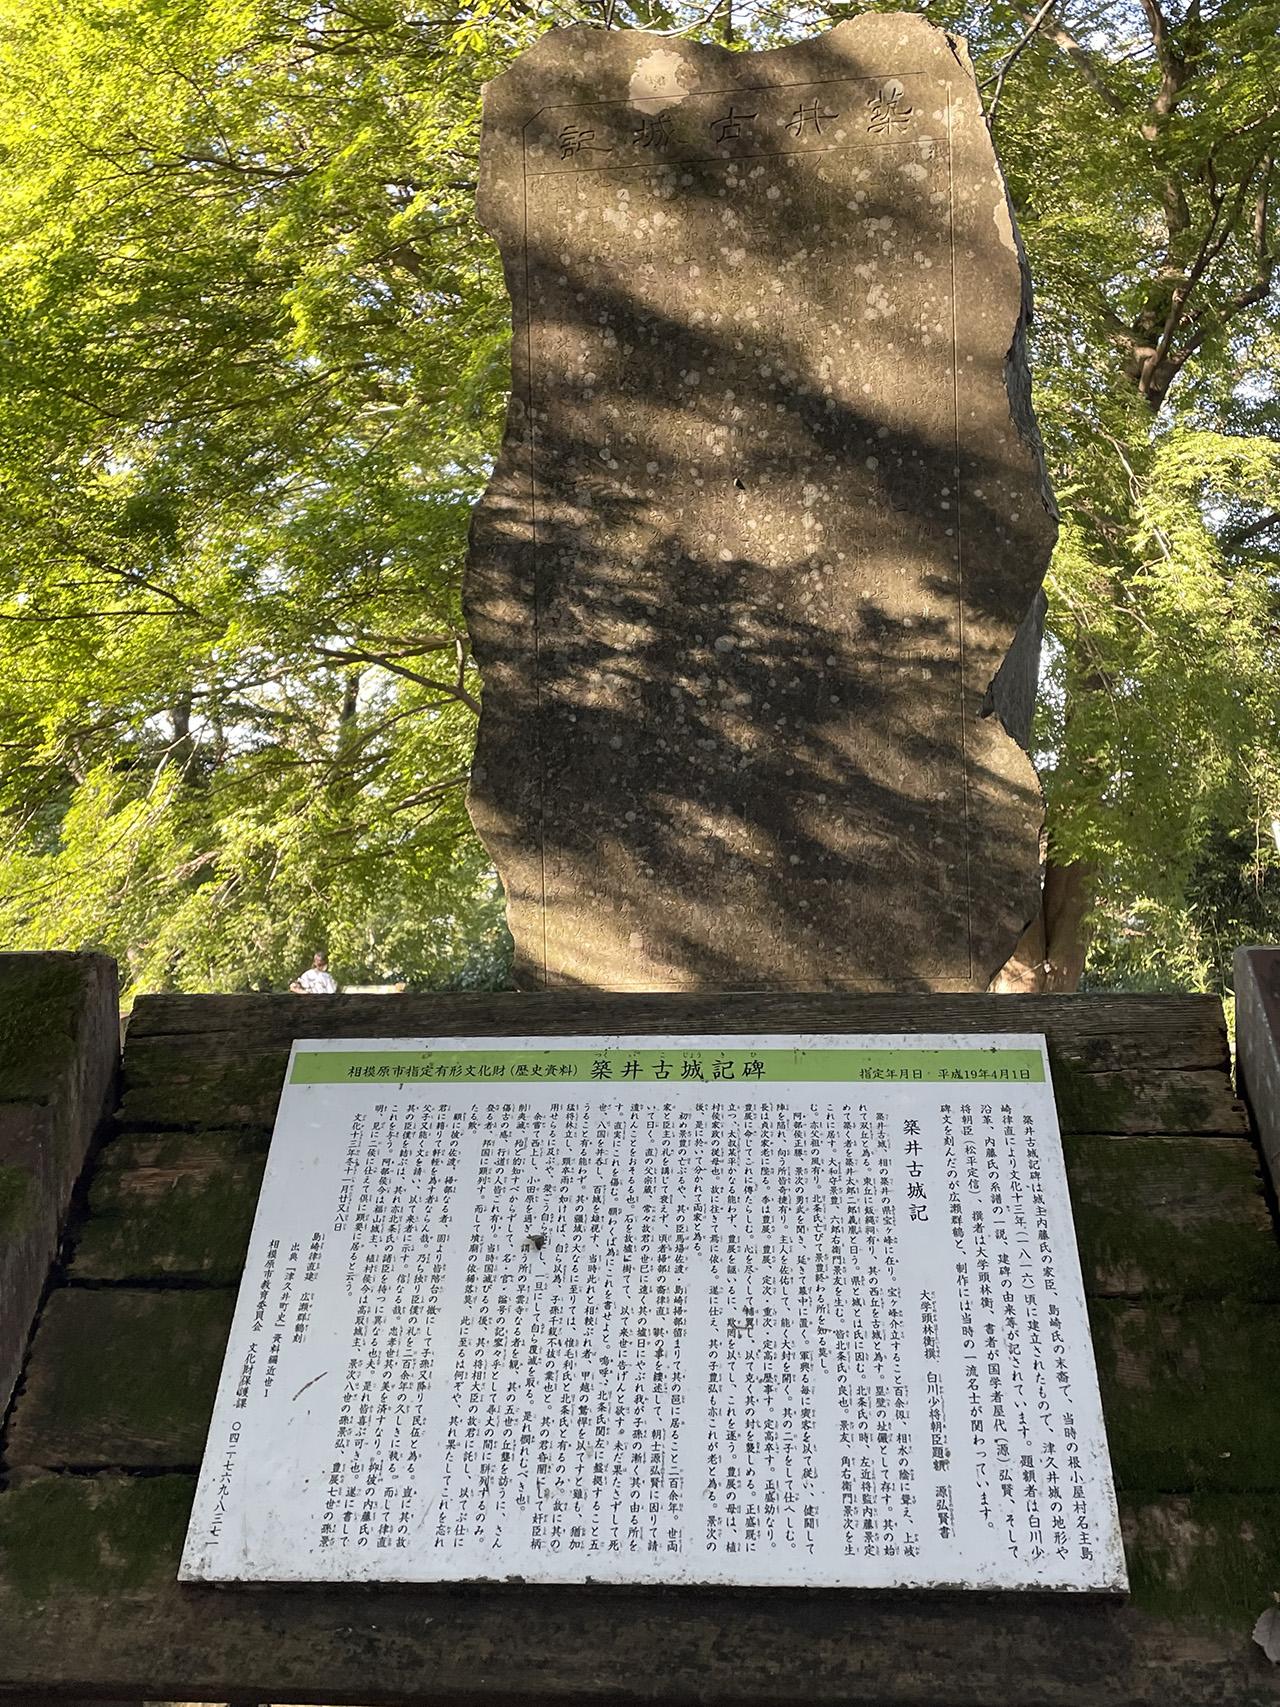 築井古城記念碑と歴史資料案内板